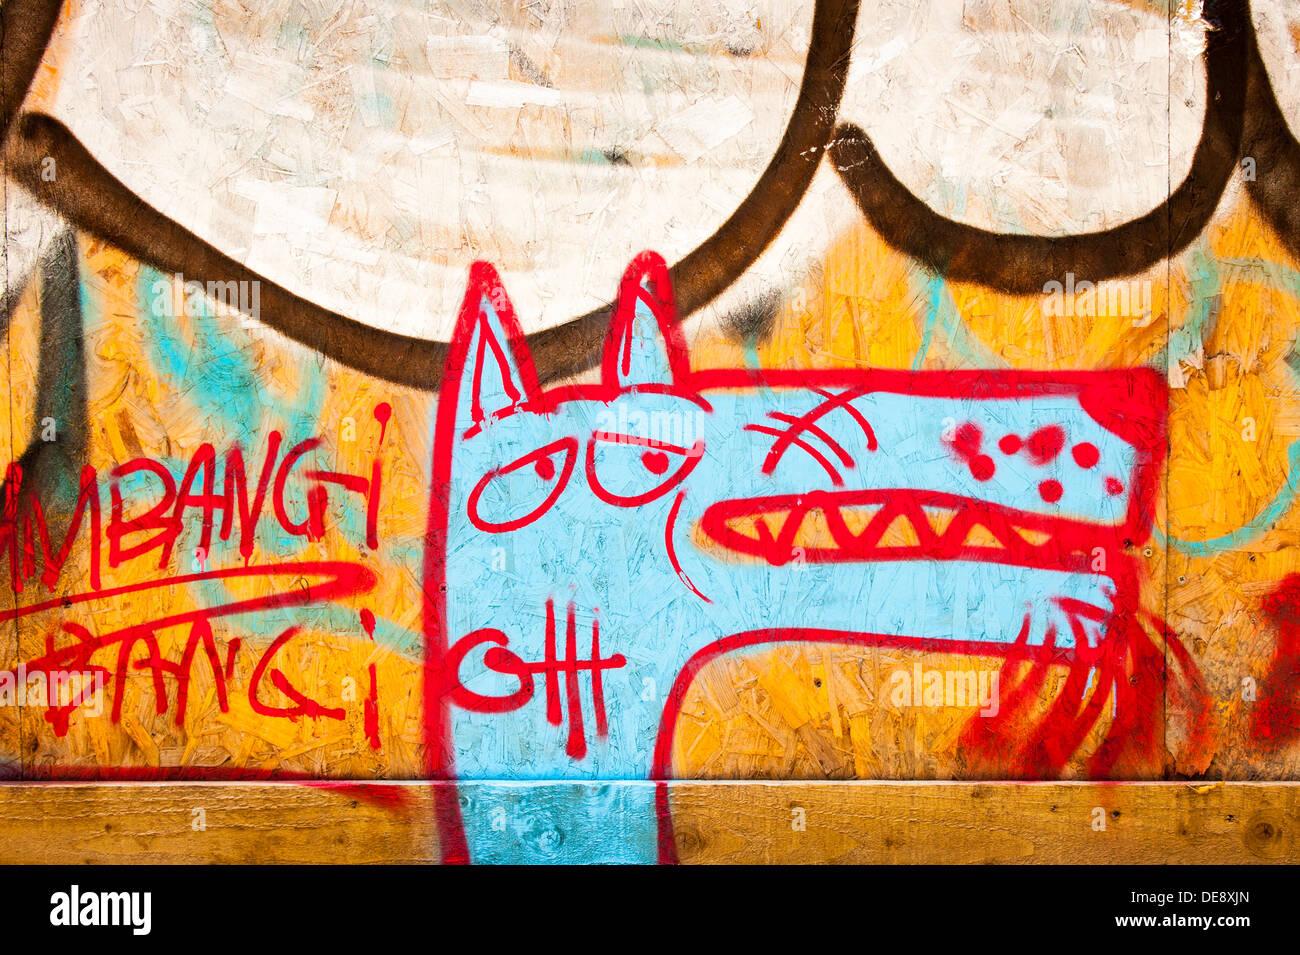 East End di Londra Isola di pesce Hackney Wick graffiti graffitti grafitti grafiti street arte urbana murale di accaparramento di legno cane blu Bang Bang contorno rosso Immagini Stock